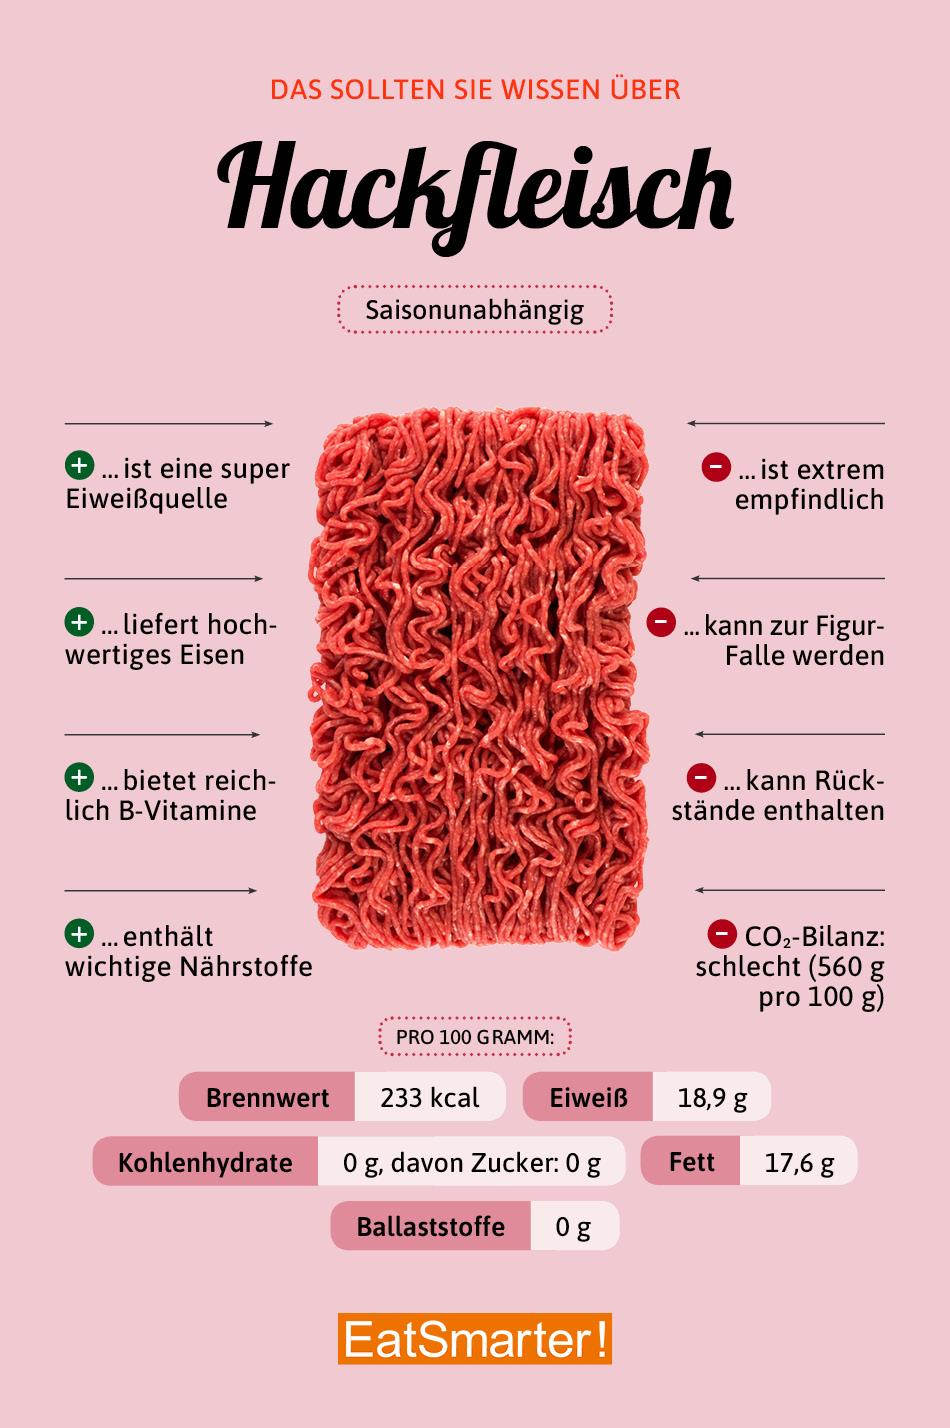 Verfärbt hackfleisch Graue Verfärbung